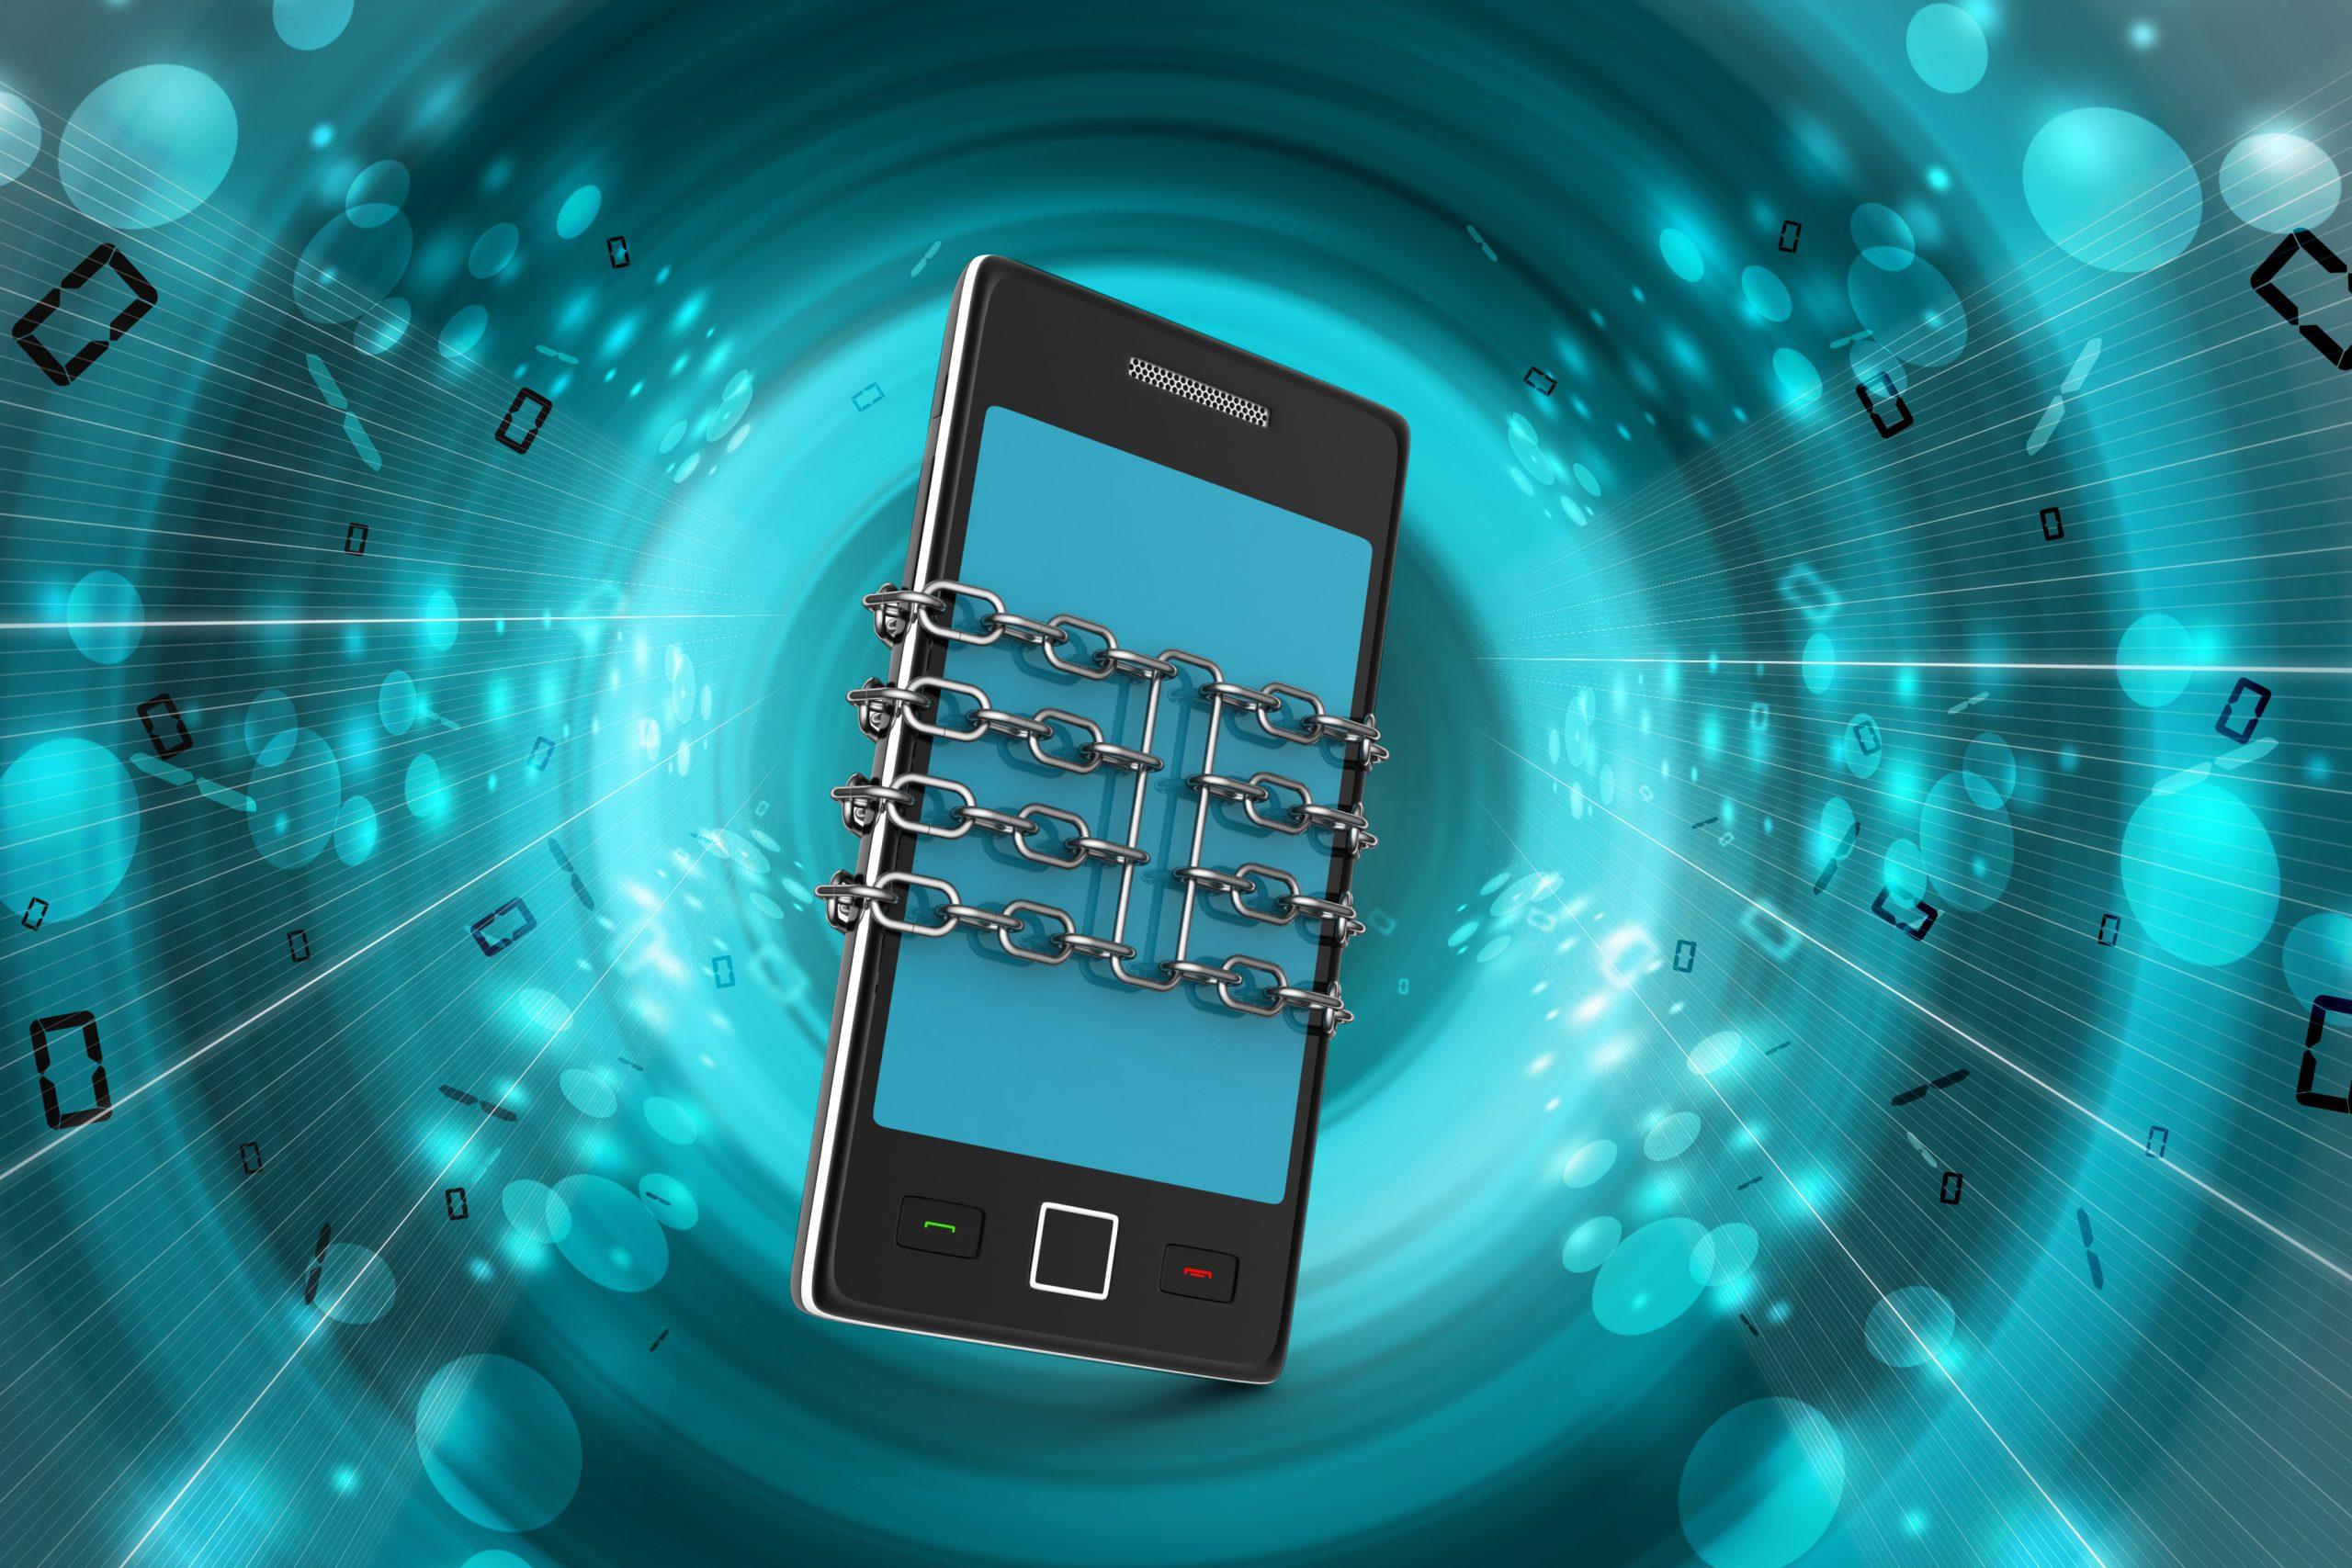 Poznaj wyjątkowy komunikator na smartfona, który stawia bezpieczeństwo na pierwszym miejscu